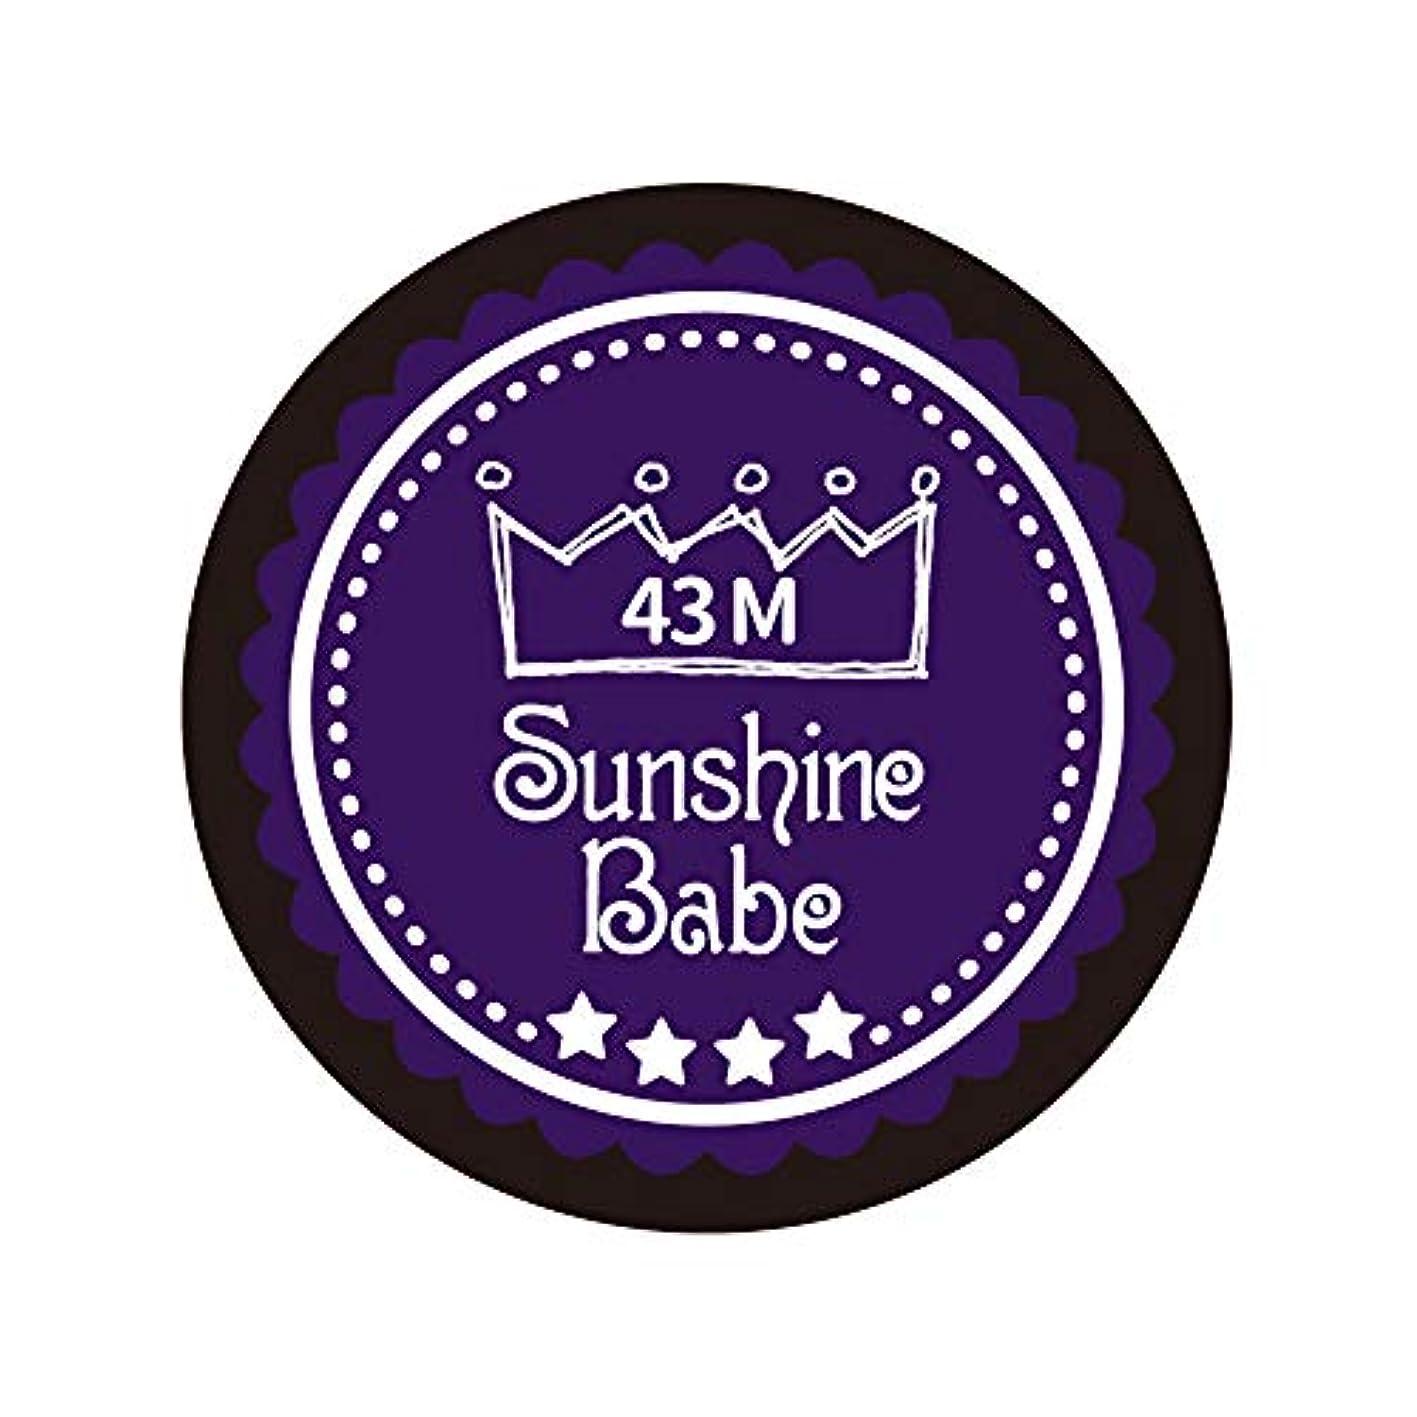 湿地元気エリートSunshine Babe カラージェル 43M オータムウルトラバイオレット 4g UV/LED対応